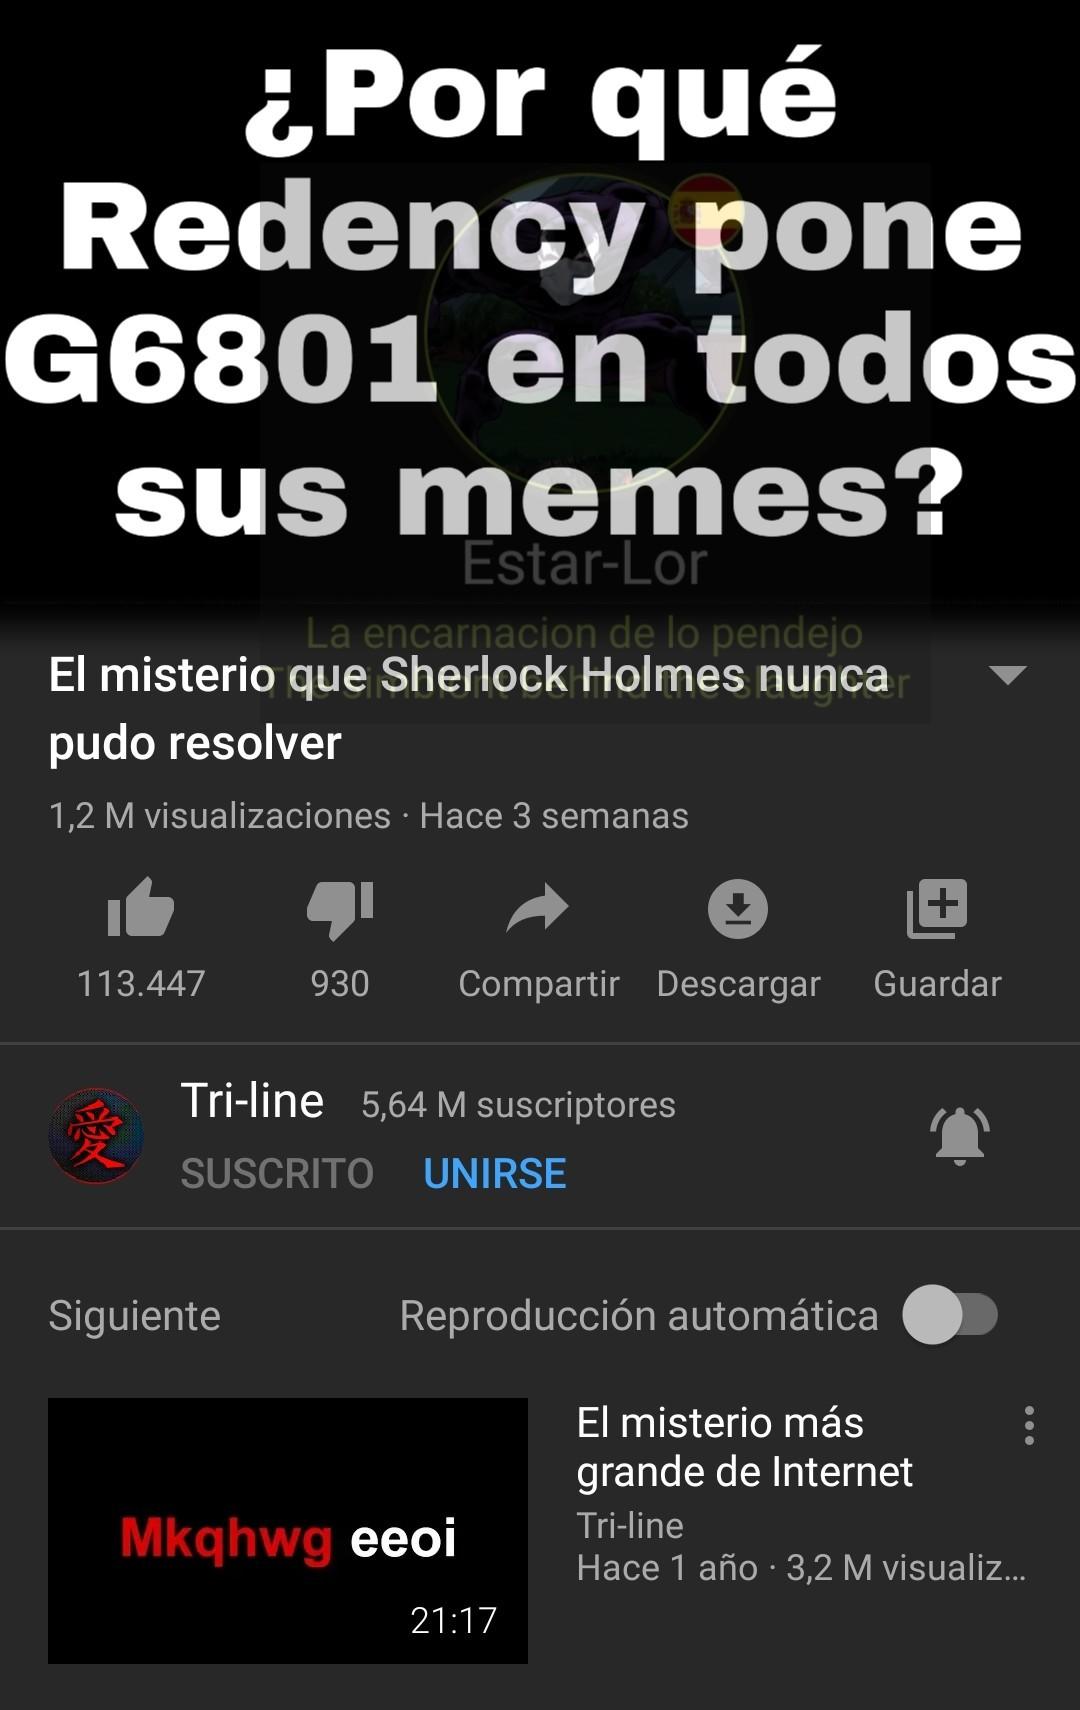 G6801 - meme